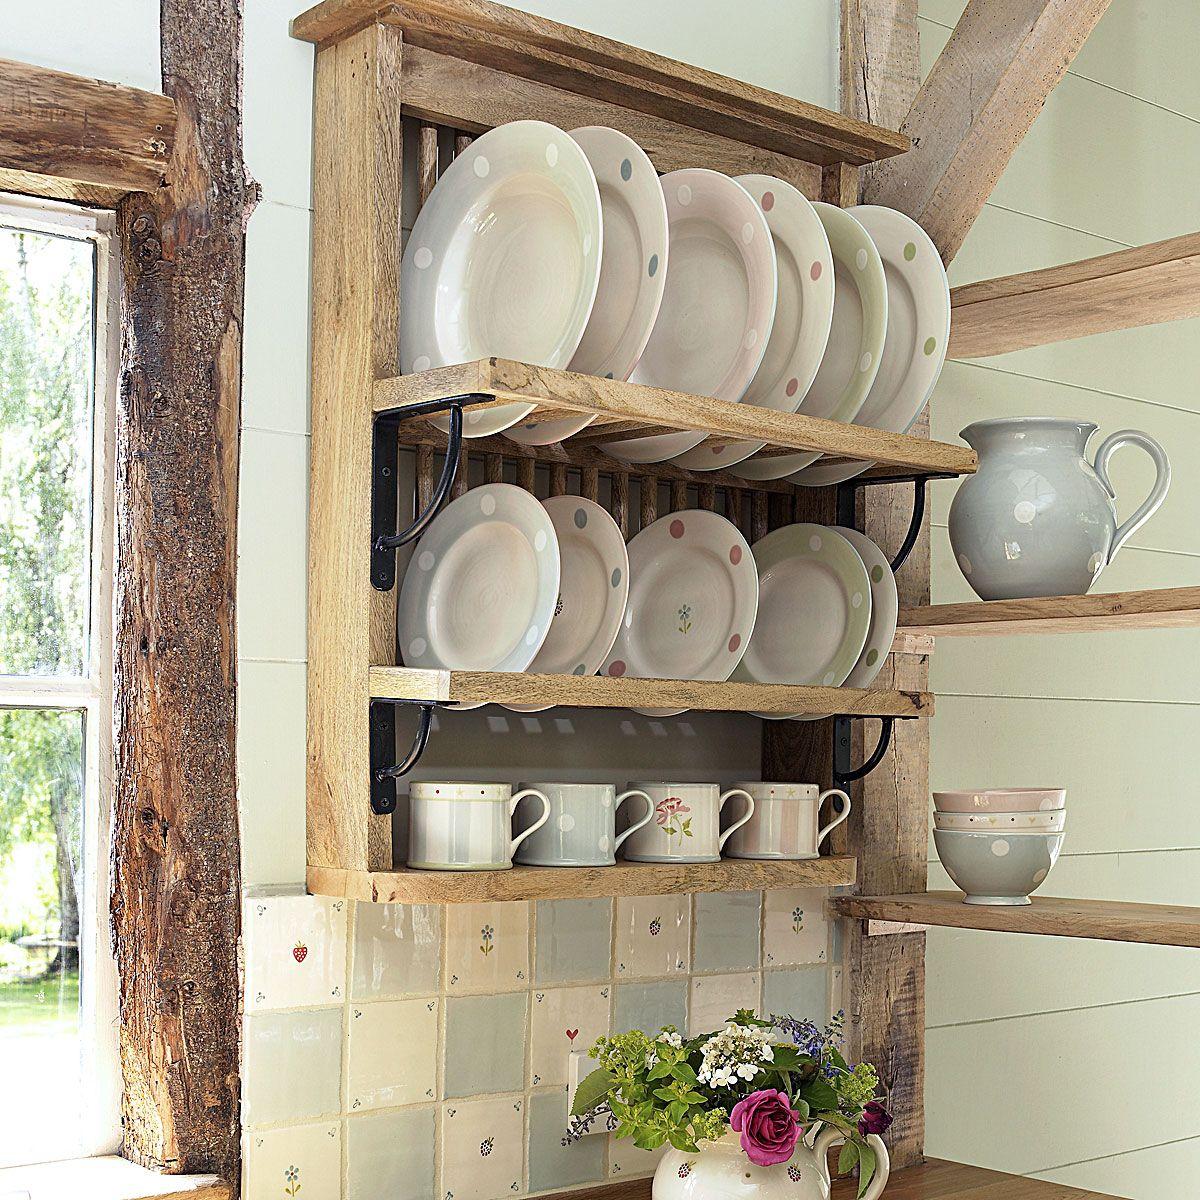 Plate racks by schaefj2 on Pinterest Plate Racks Plates